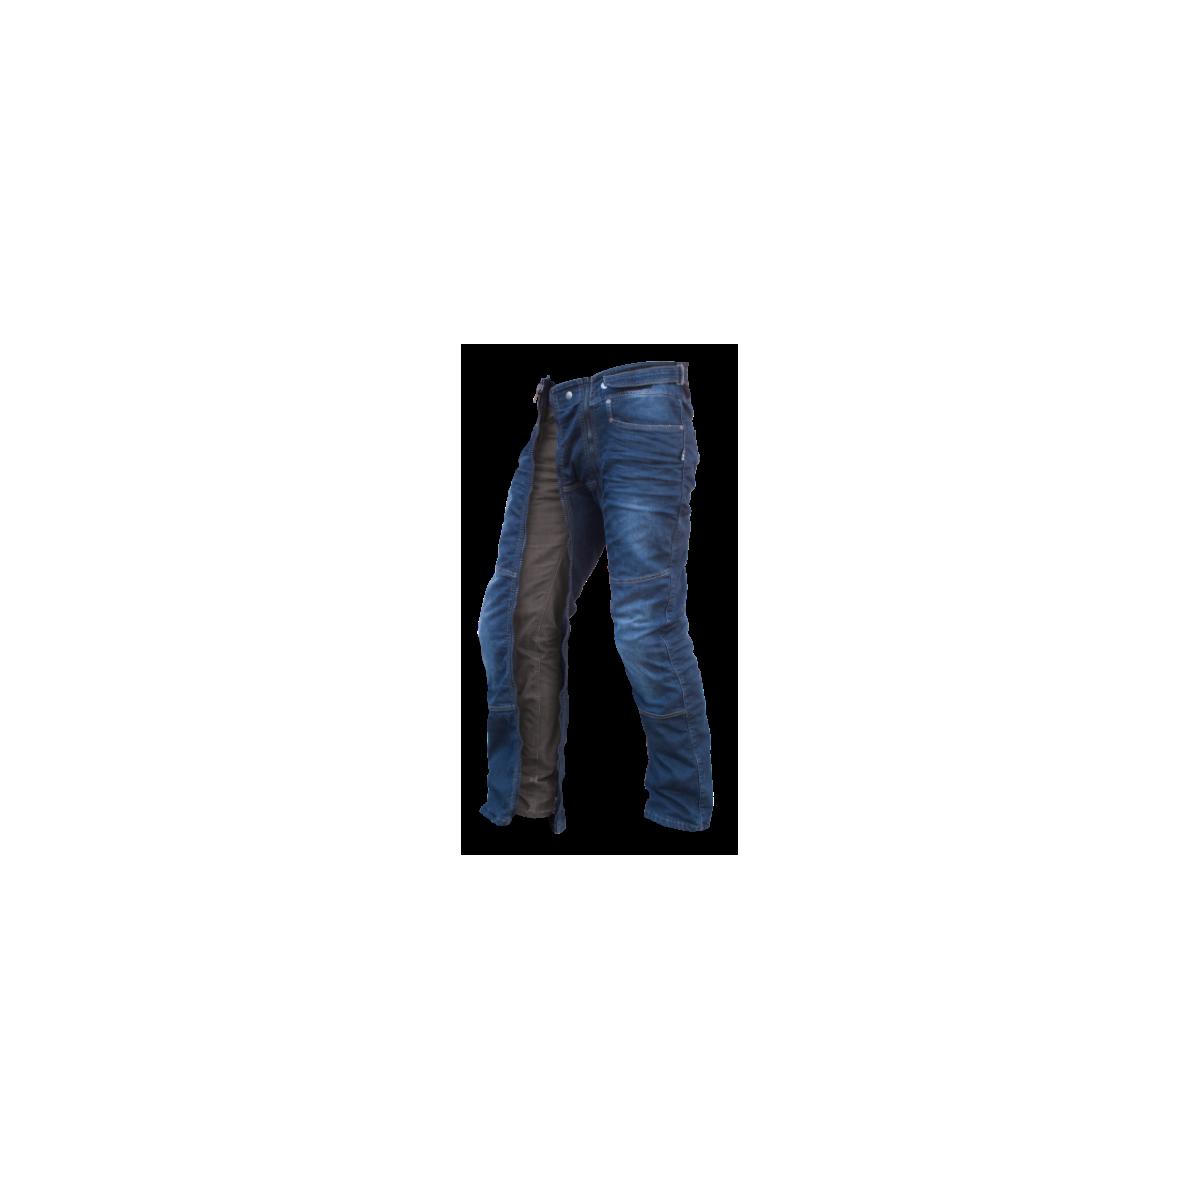 Sur-pantalon jean 1964 Shoes easy 5